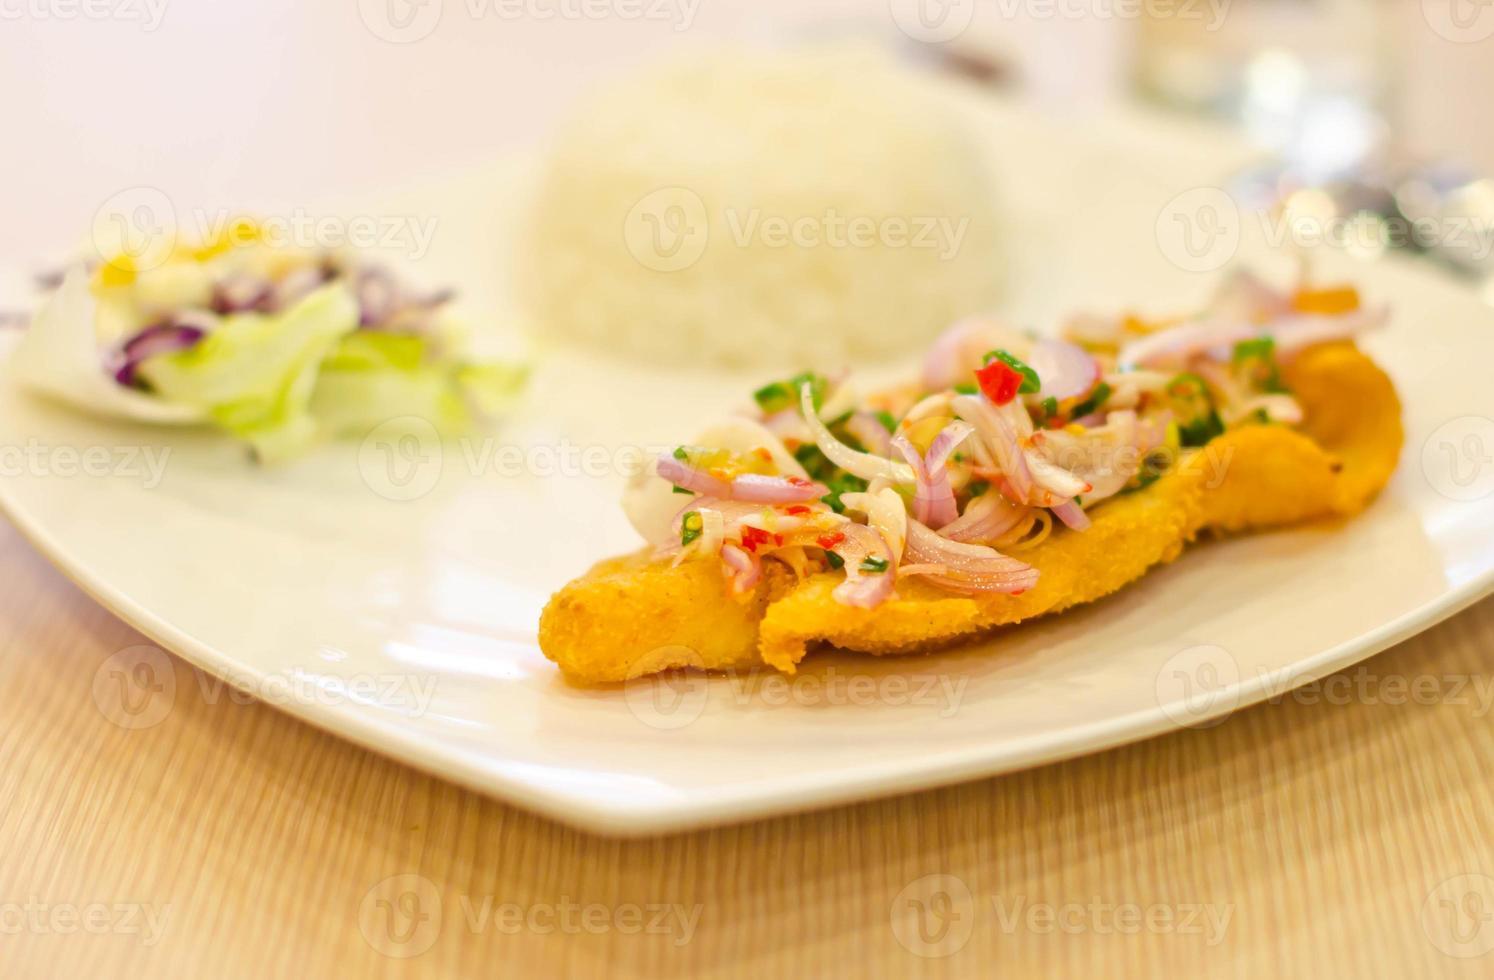 uien, pepers, kruiden op gebakken vis ... foto